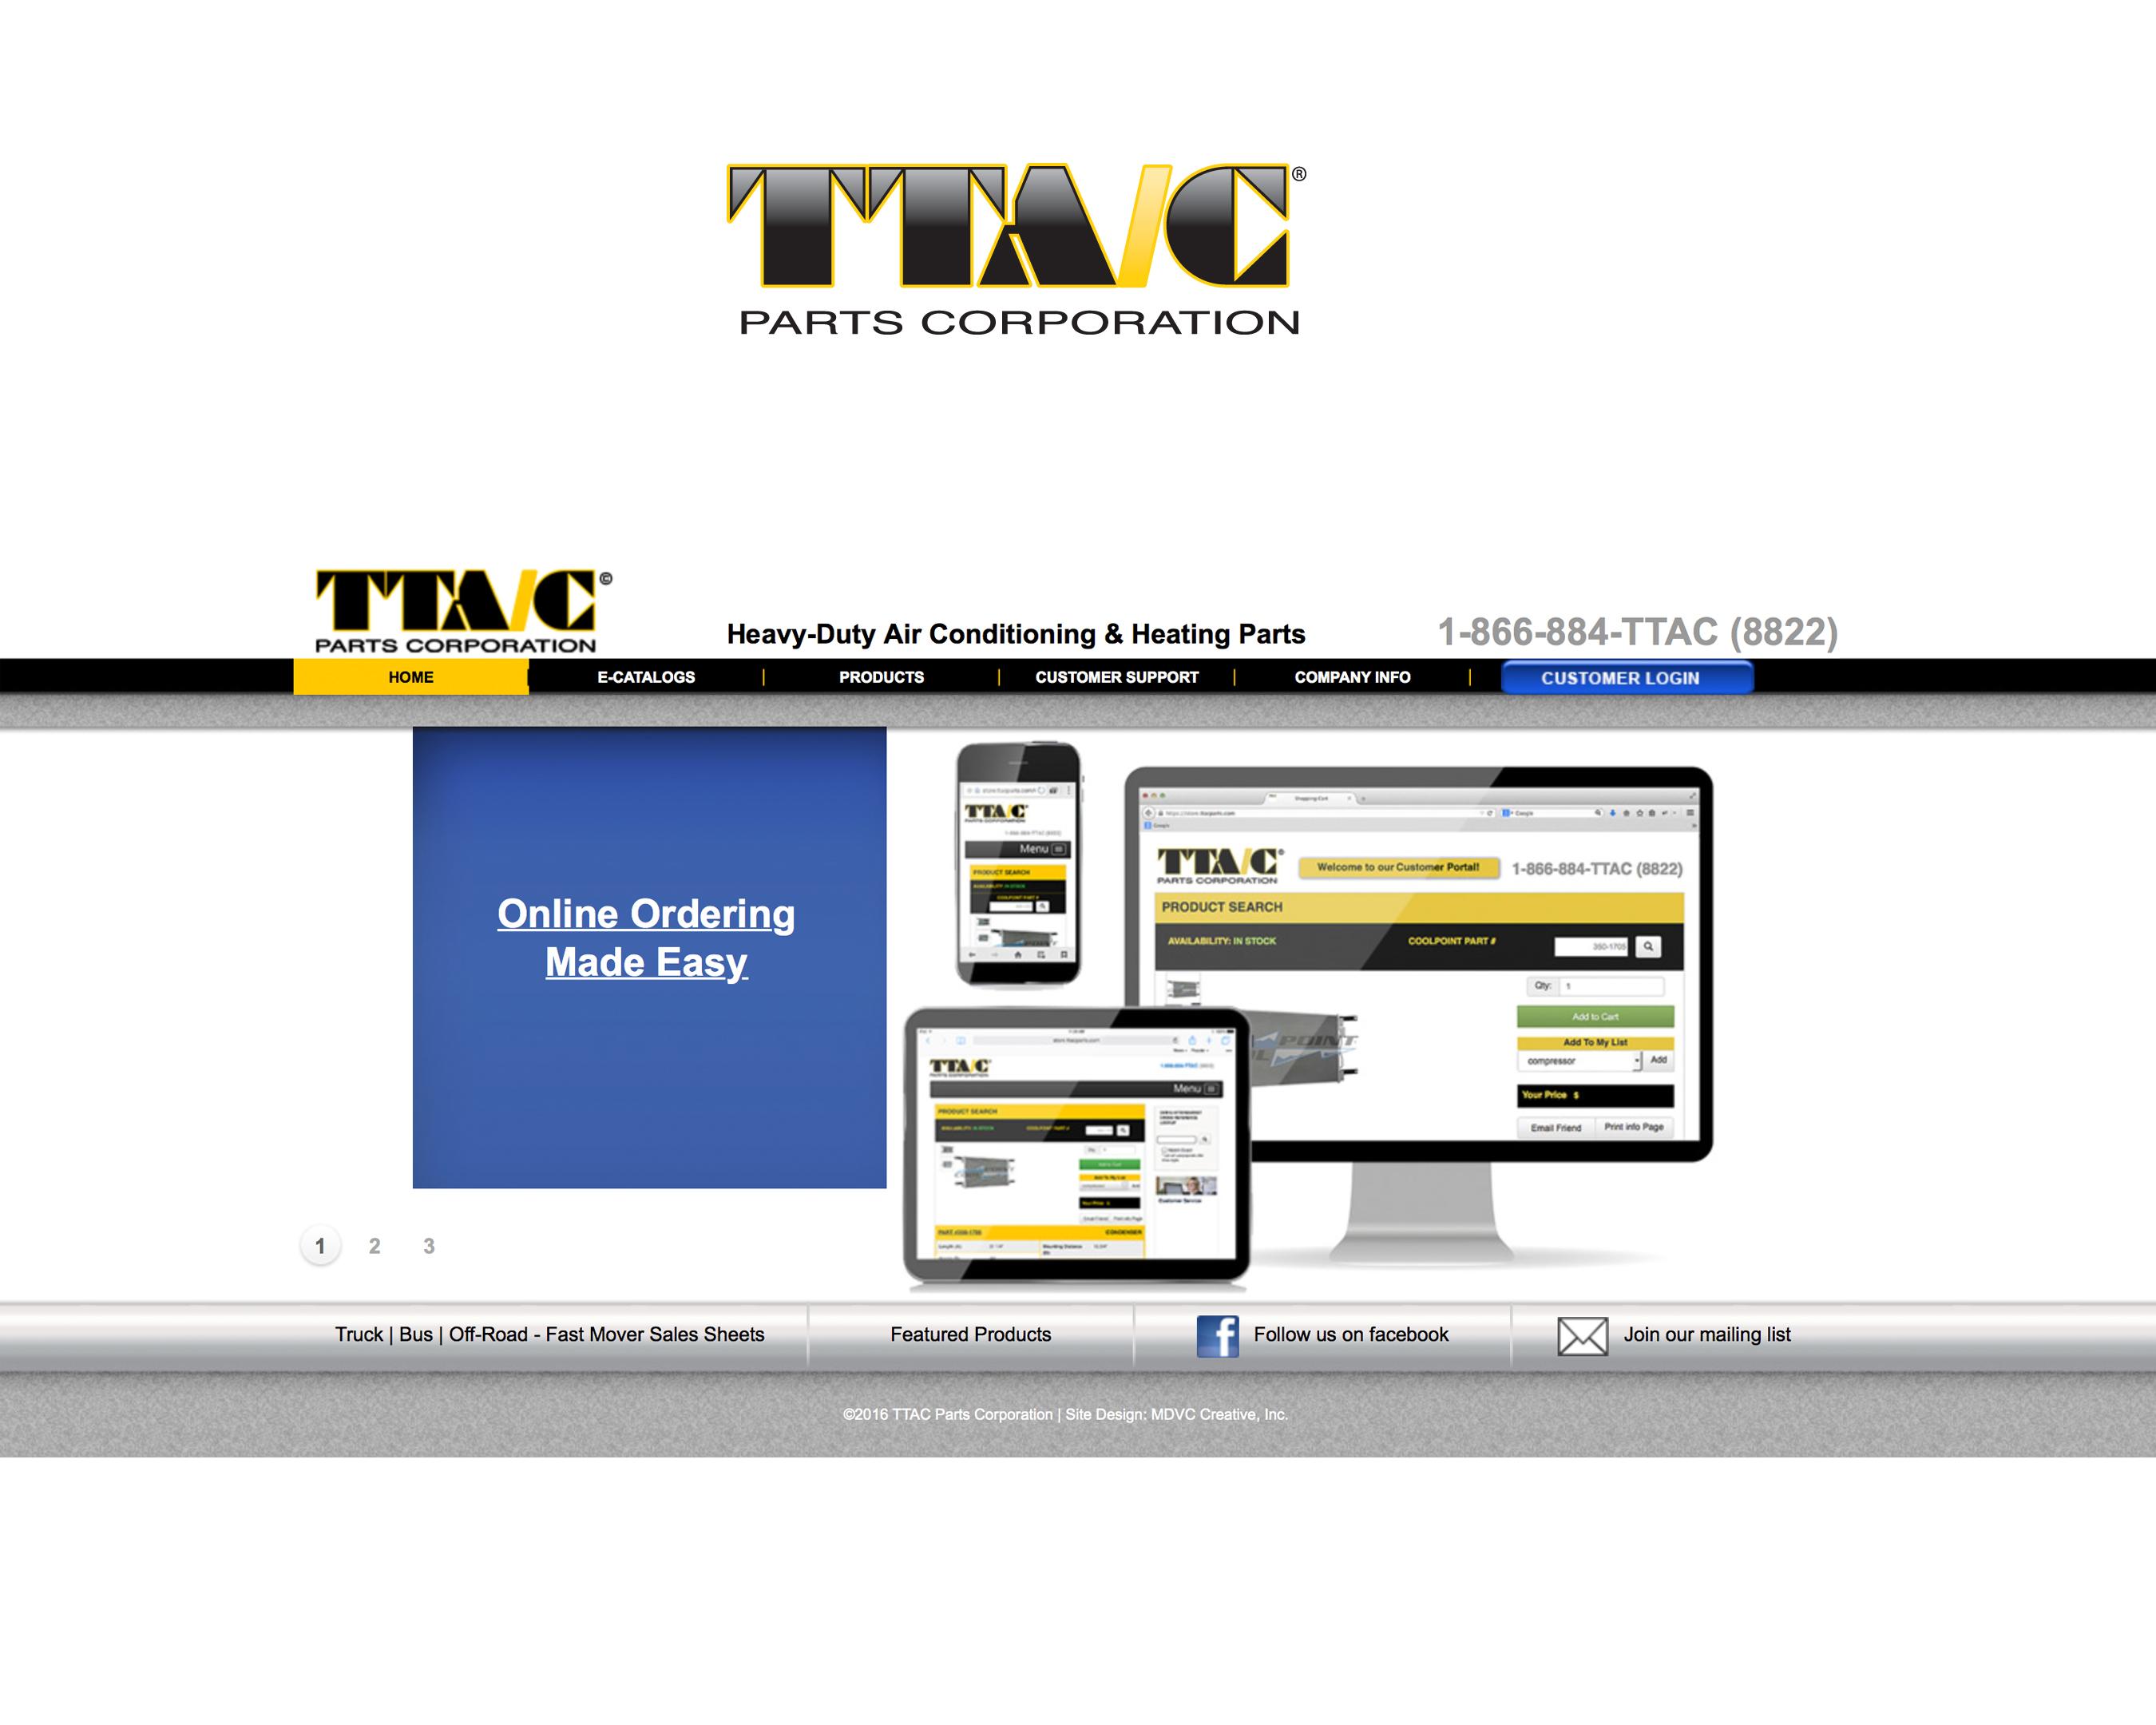 TTAC Parts Corporation